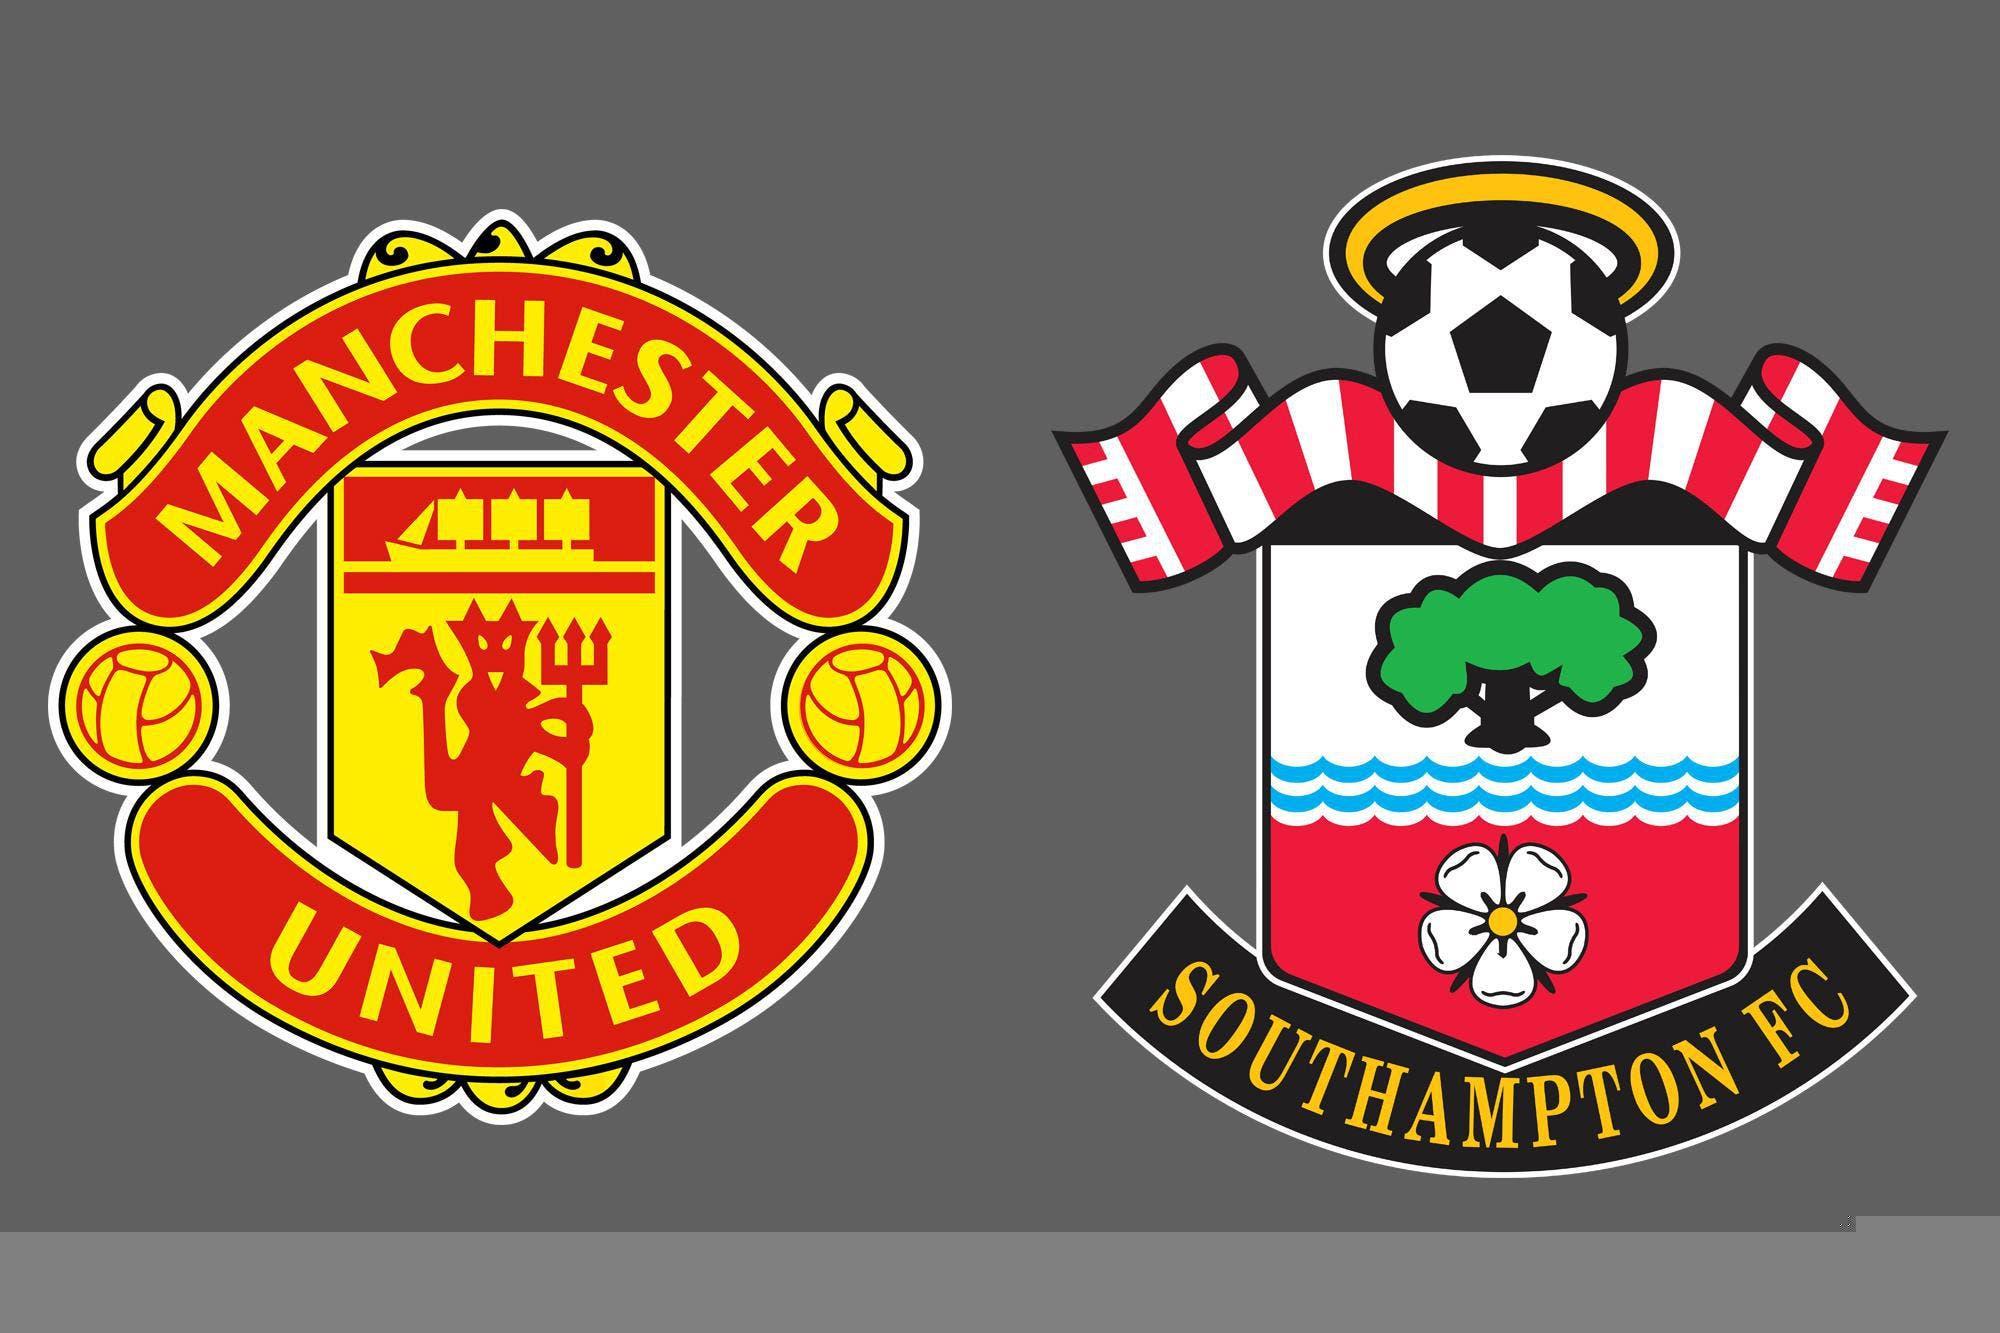 Premier League de Inglaterra: Manchester United venció por 9-0 a Southampton como local